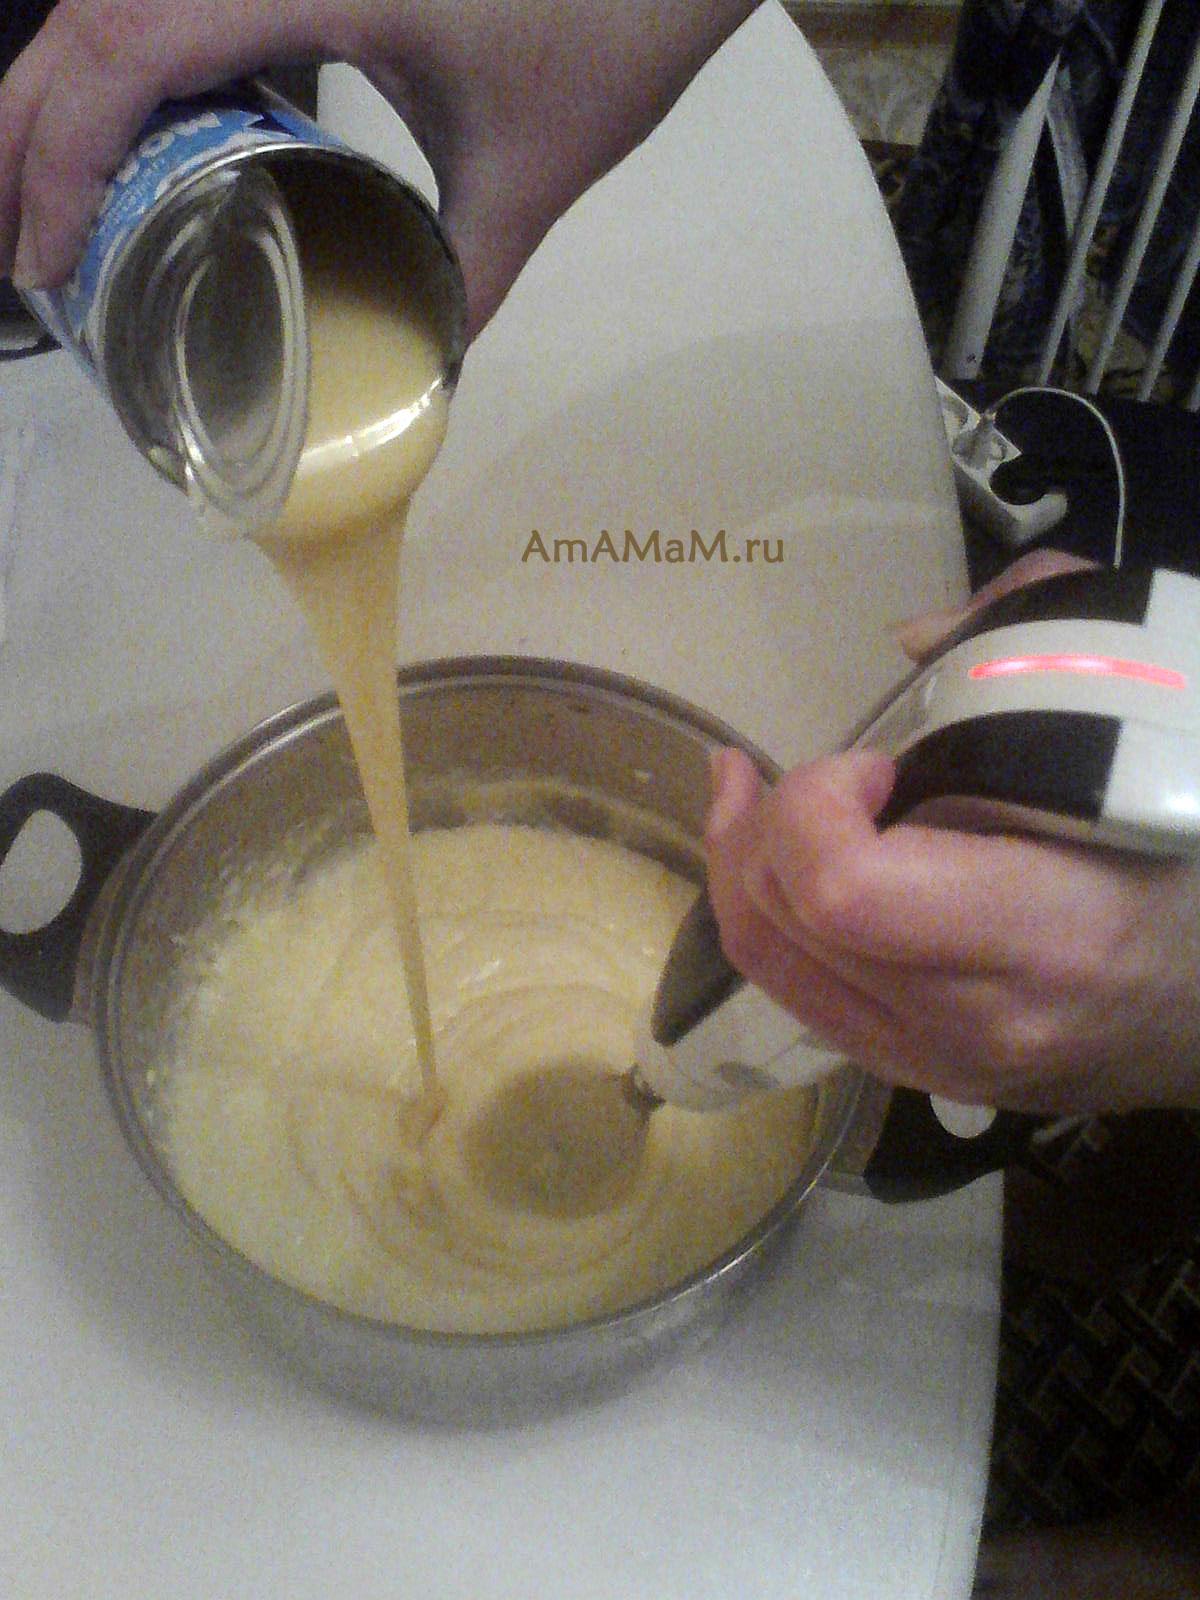 Крем из сгущенки для торта - рецепт, как приготовить в домашних 24